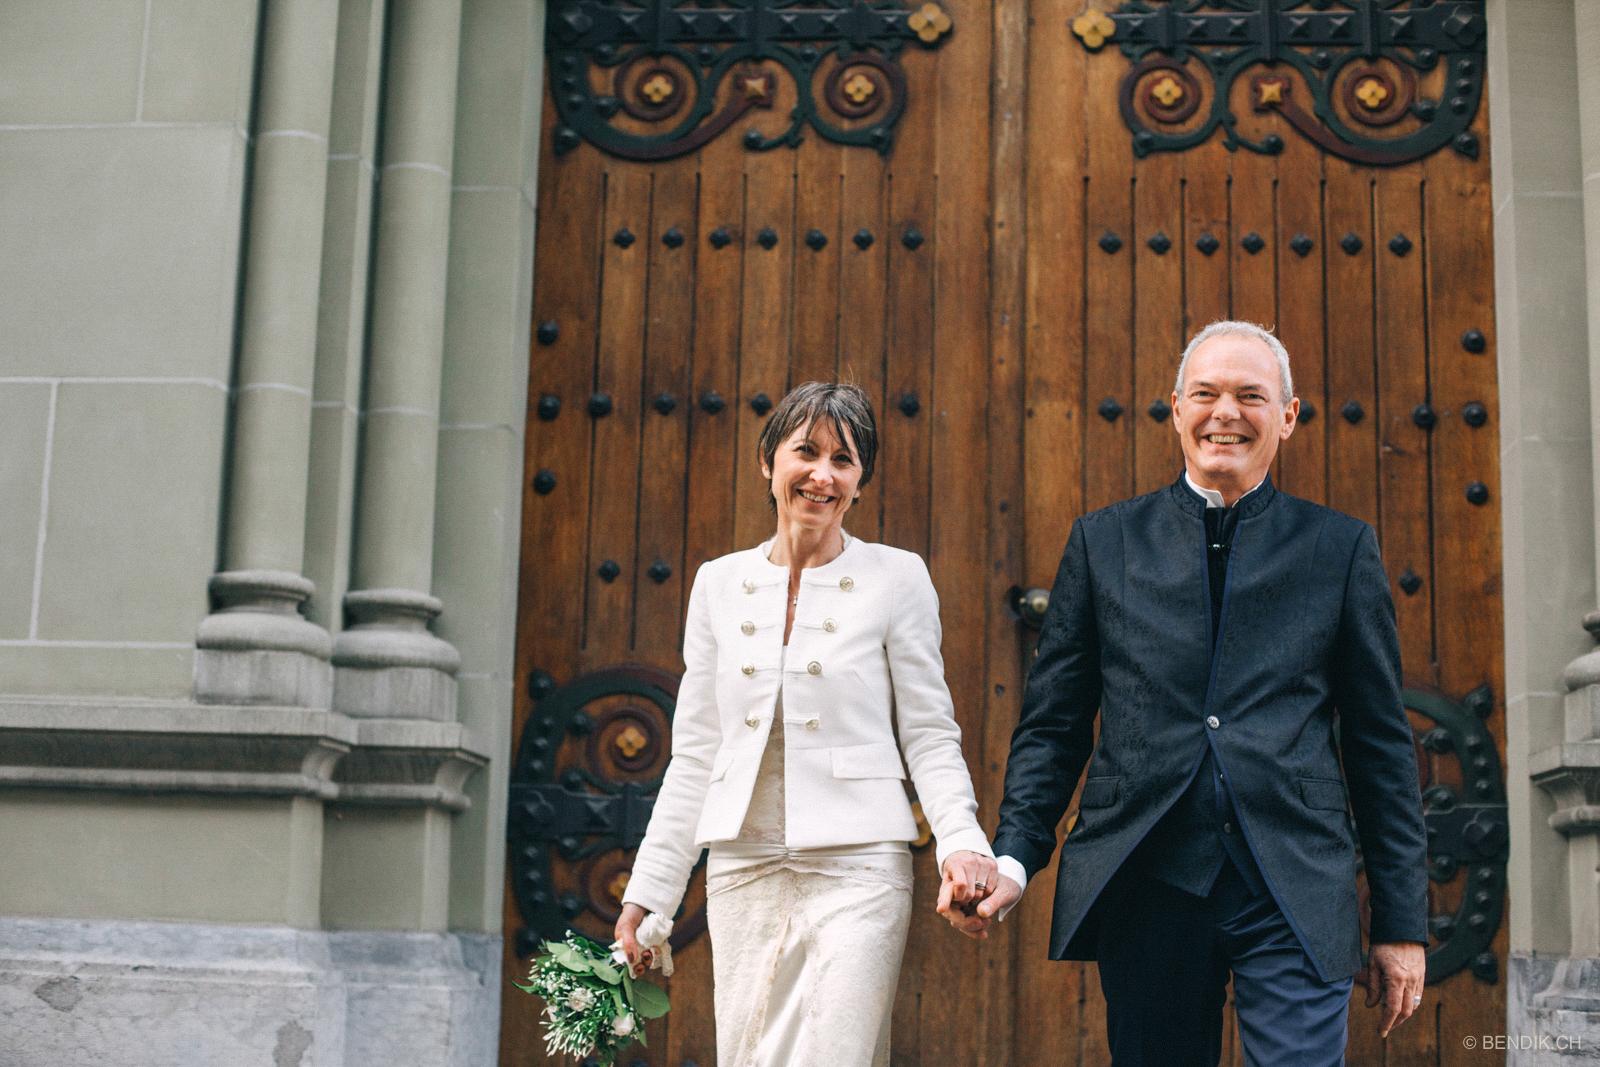 Brautpaar hält sich an der Hand und schreitet lachend in Richtung Kamera in Bern